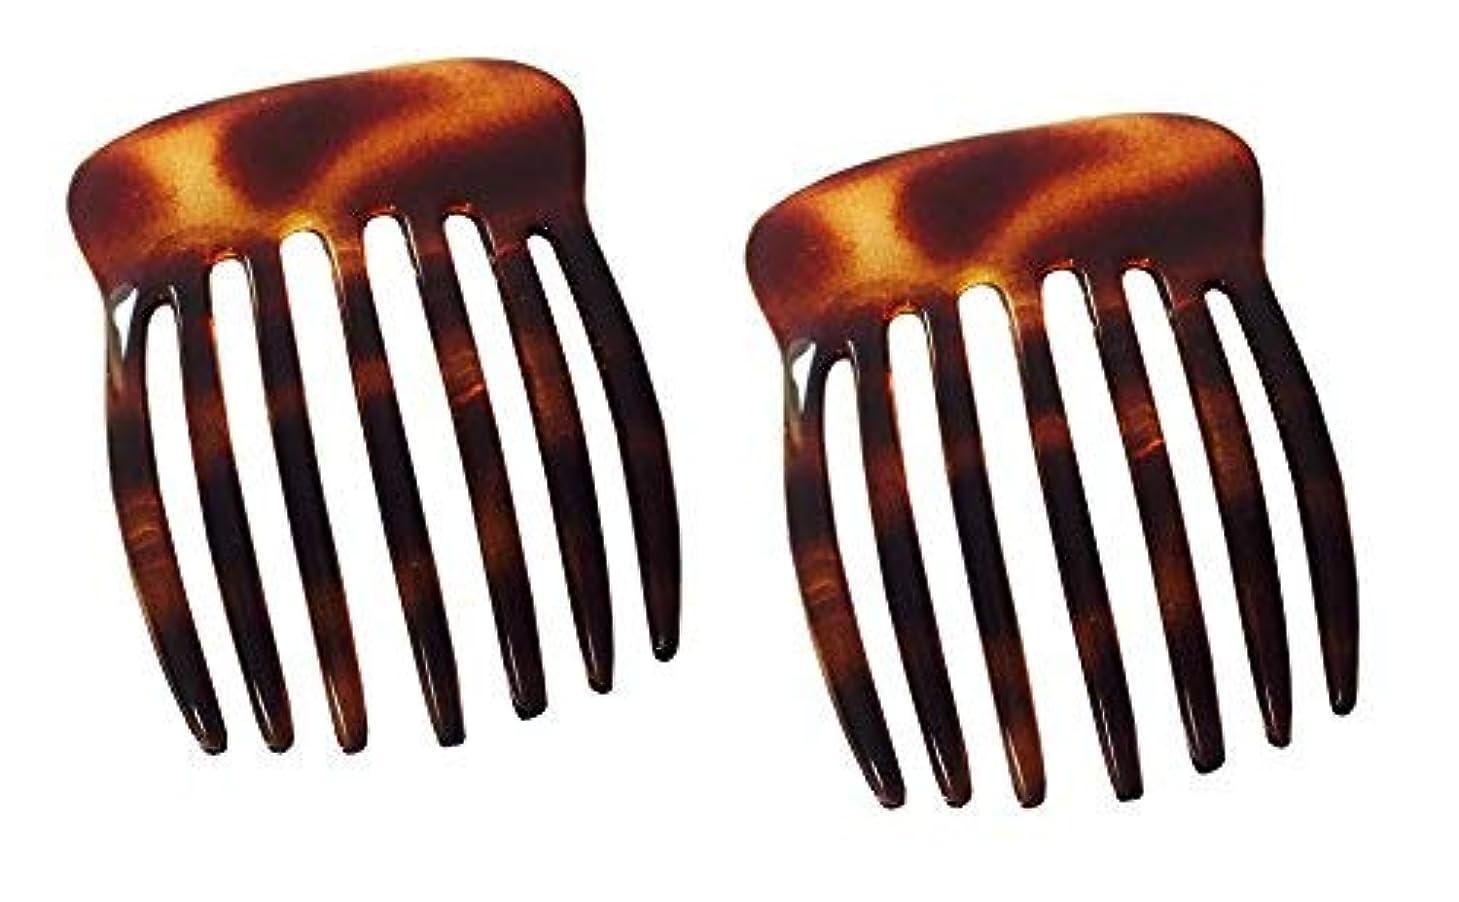 ネイティブ差別するラベルParcelona French Fingers Seven Teeth Large 2 Pieces Celluloid Acetate Tortoise Shell Hair Side Hair Combs [並行輸入品]